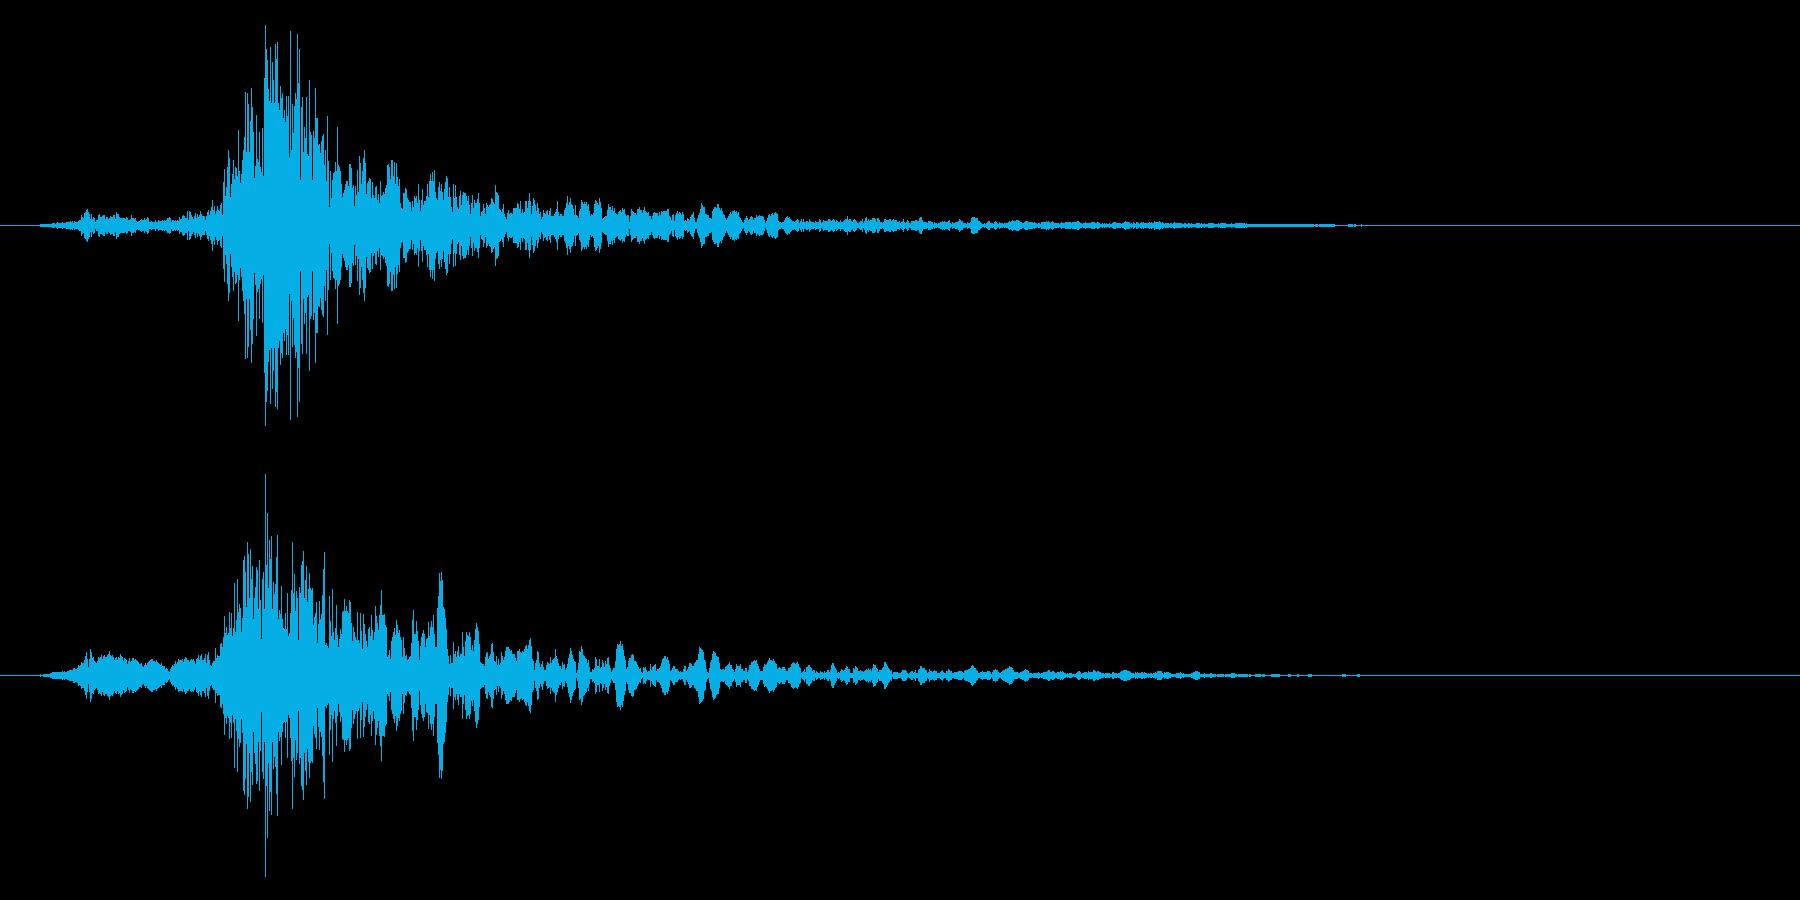 ドン!(重たい物を置いたり落とす音)の再生済みの波形